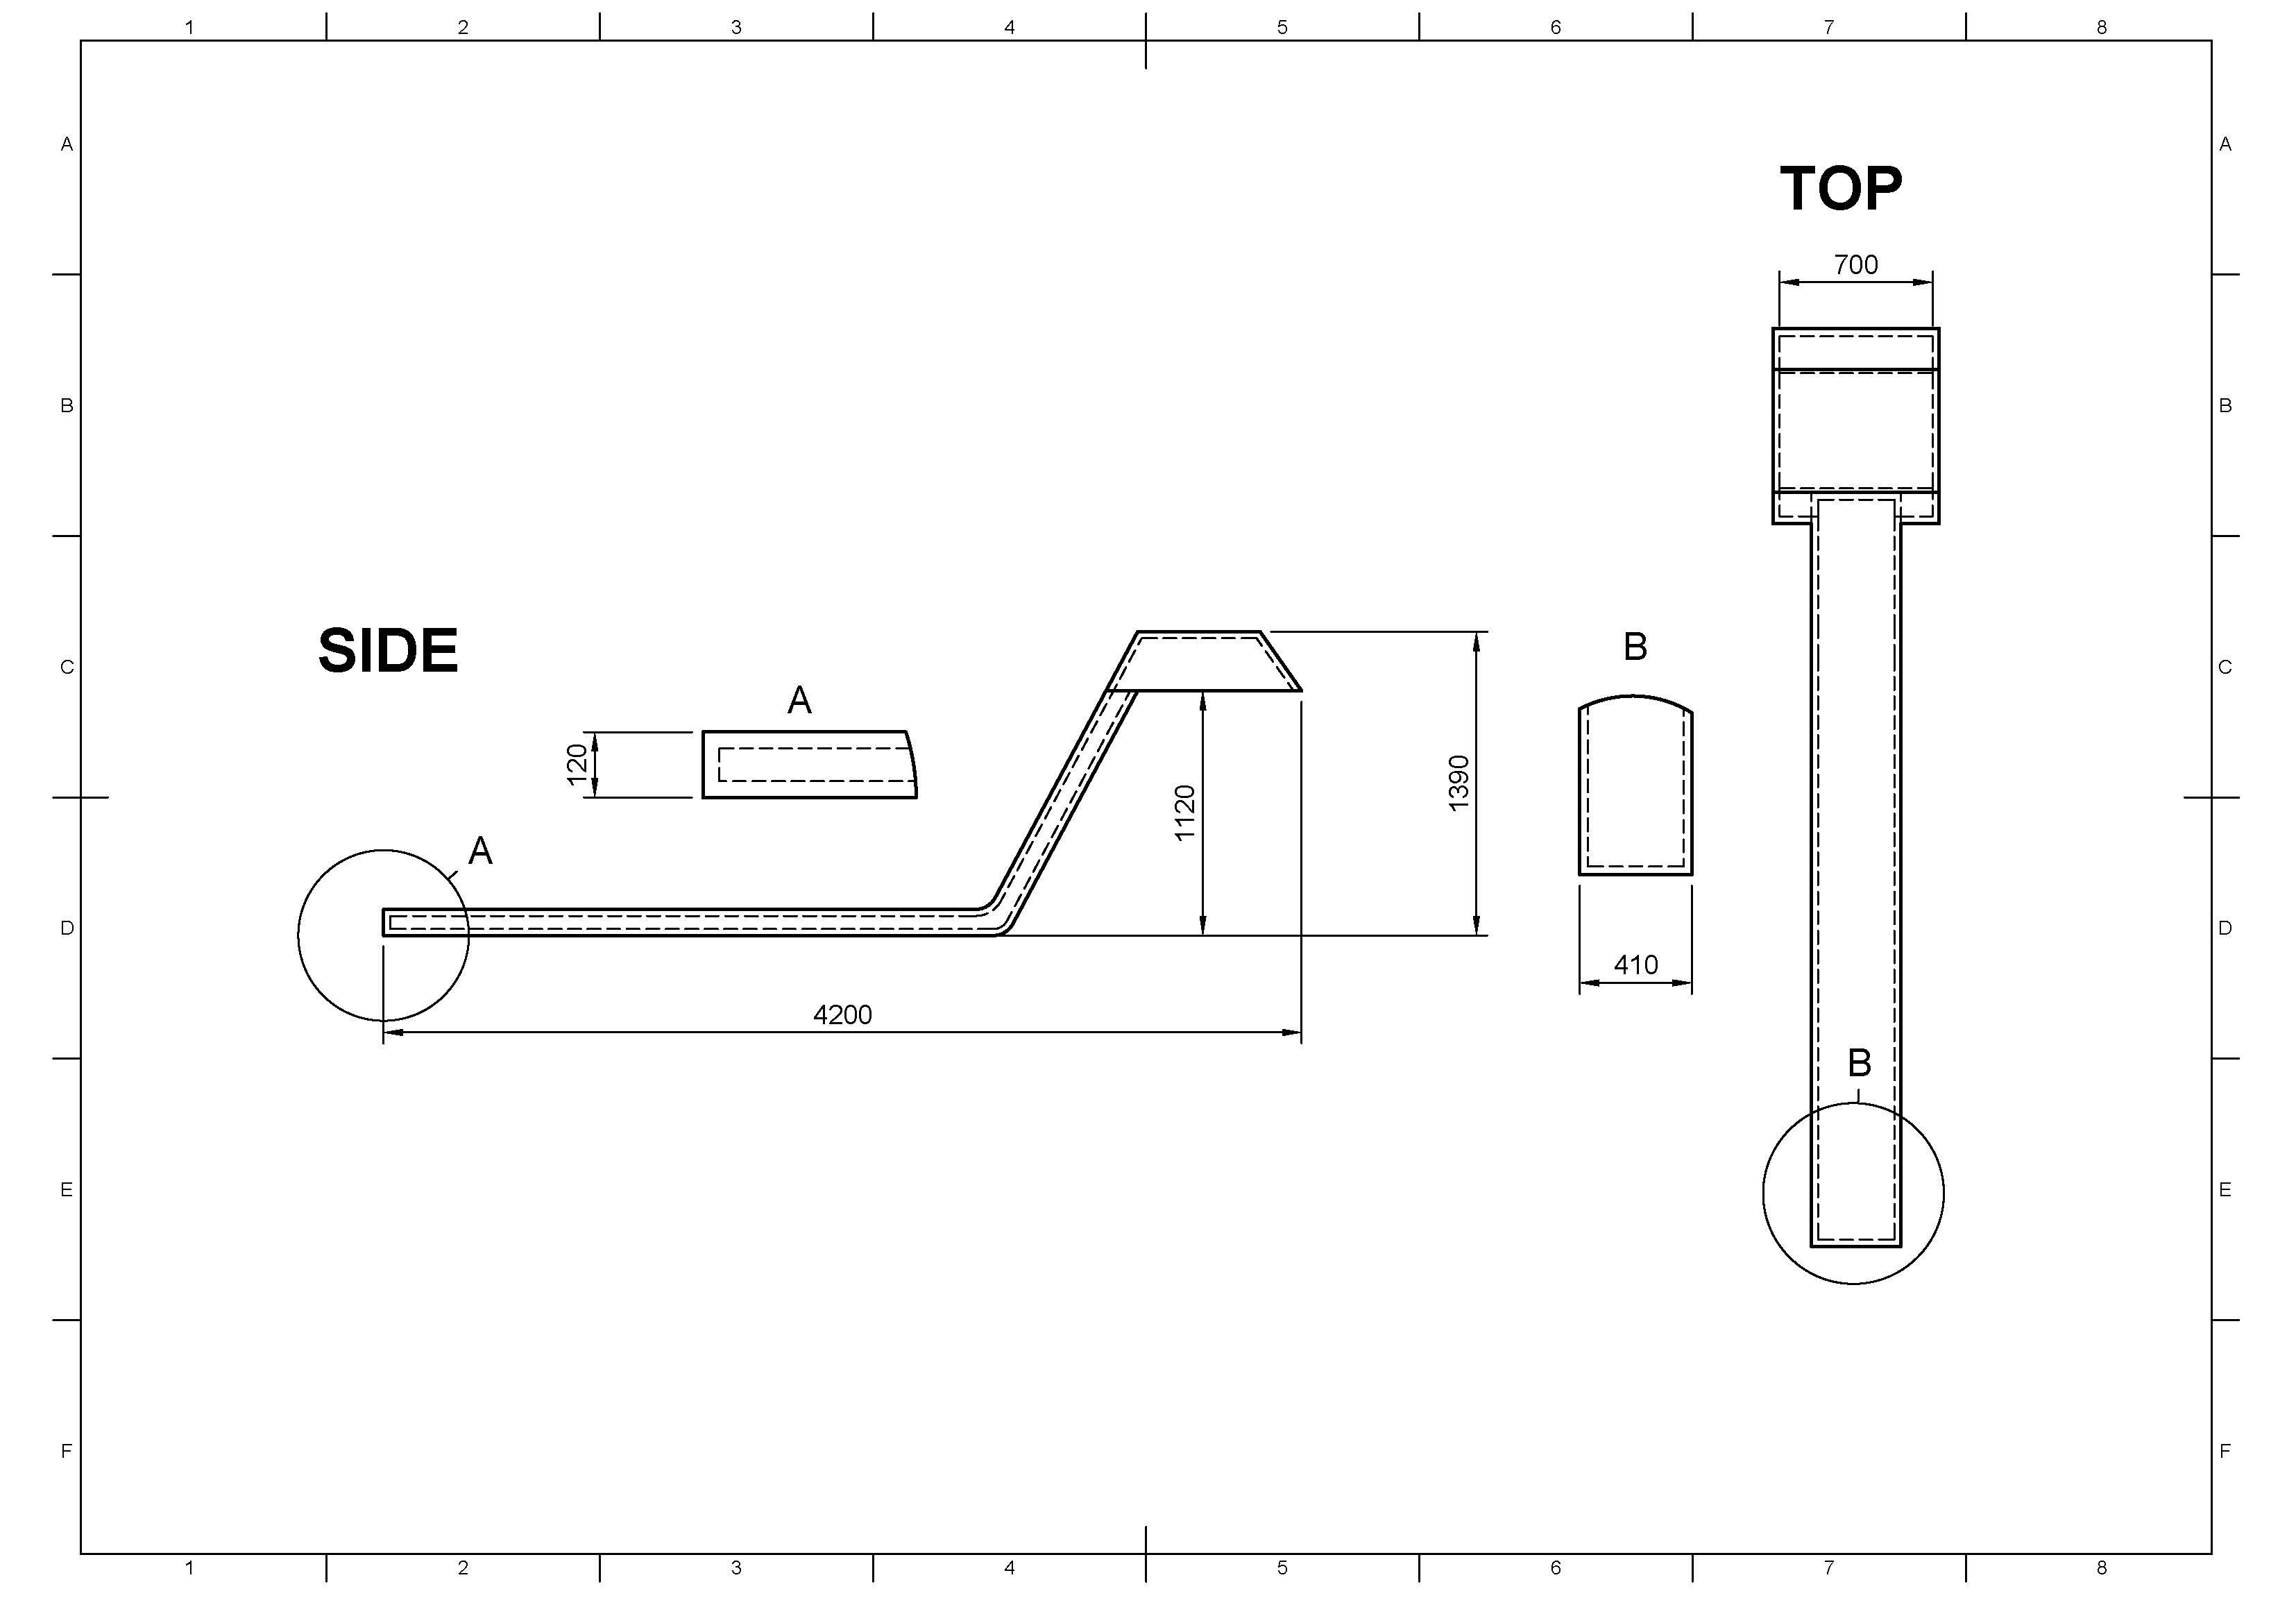 Sp-nef-rderer-LU45-102782-Drawing-v1